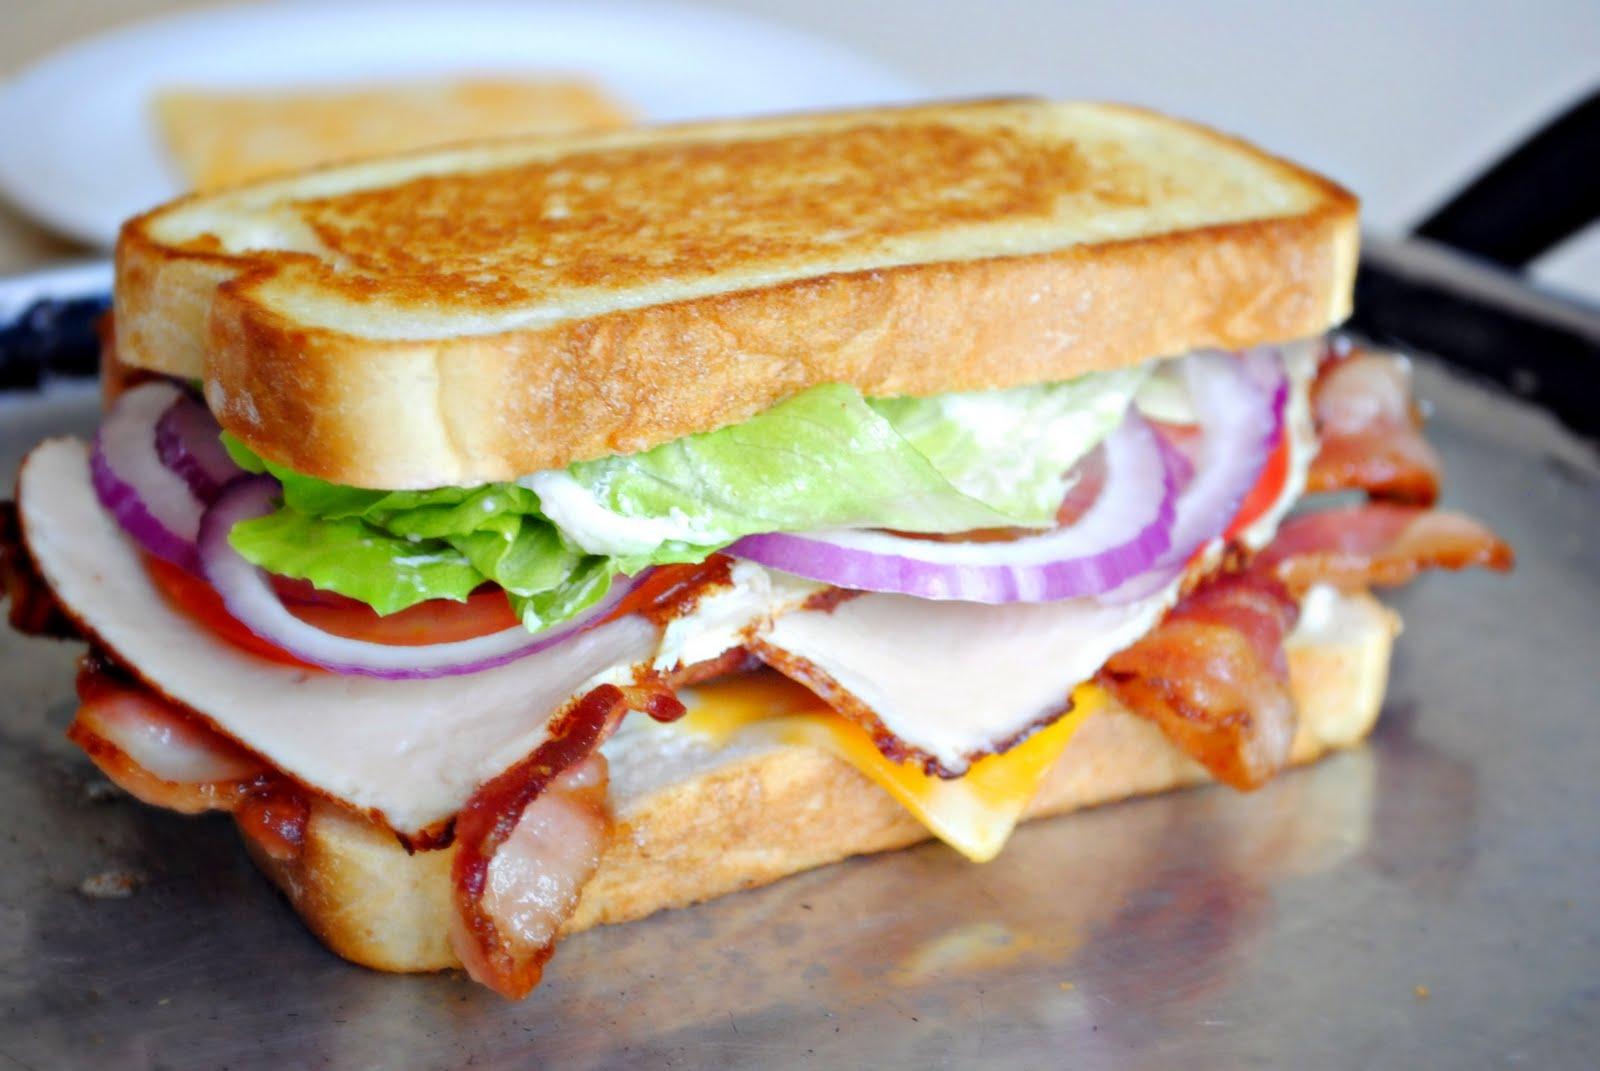 как приготовить сэндвич с фото счастью, сейчас магазинах